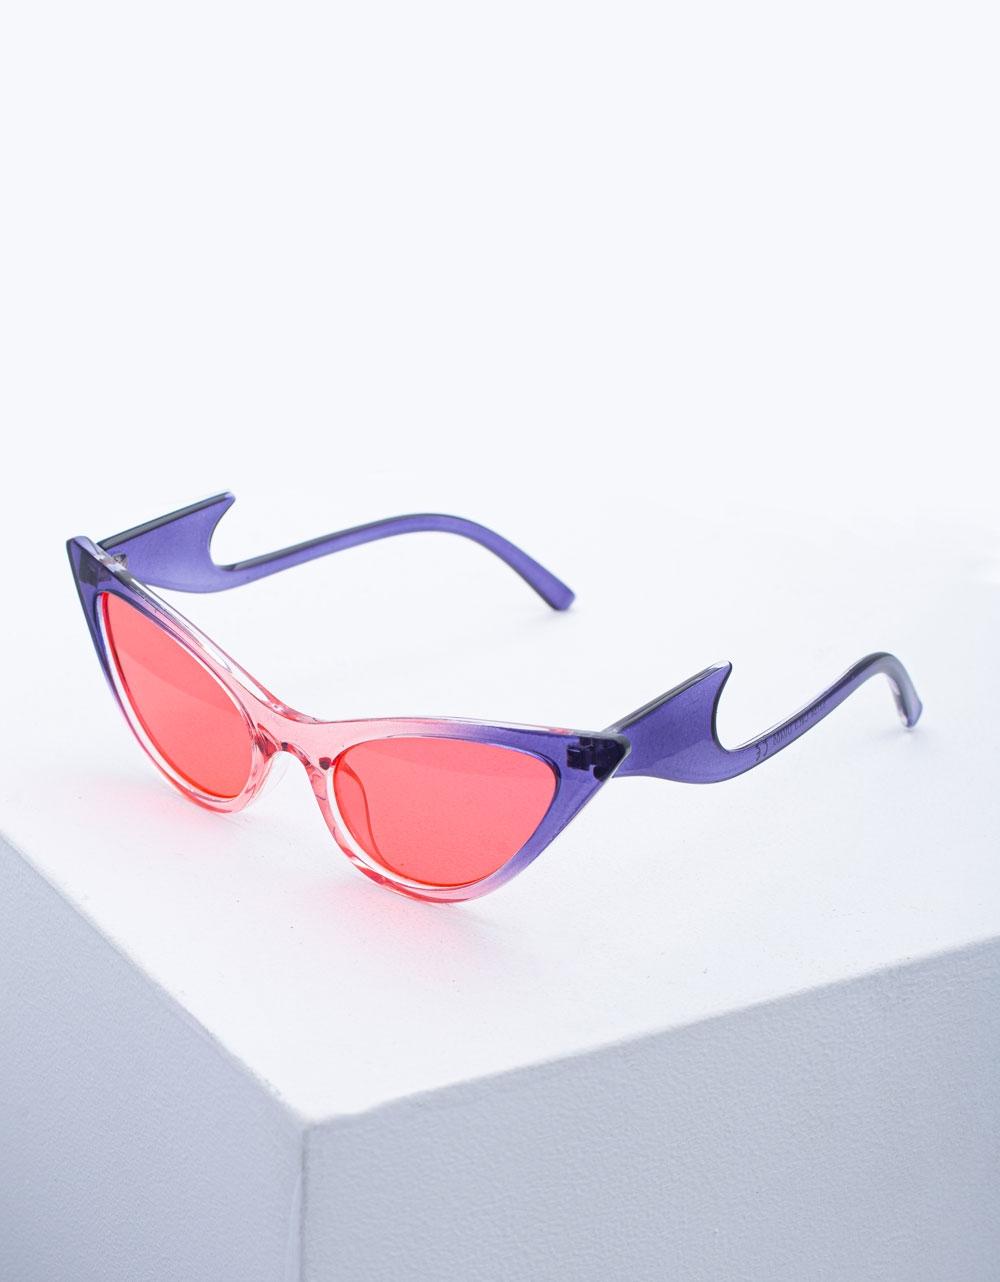 Εικόνα από Γυναικεία γυαλιά ηλίου με σχέδιο στο σκελετό Multi